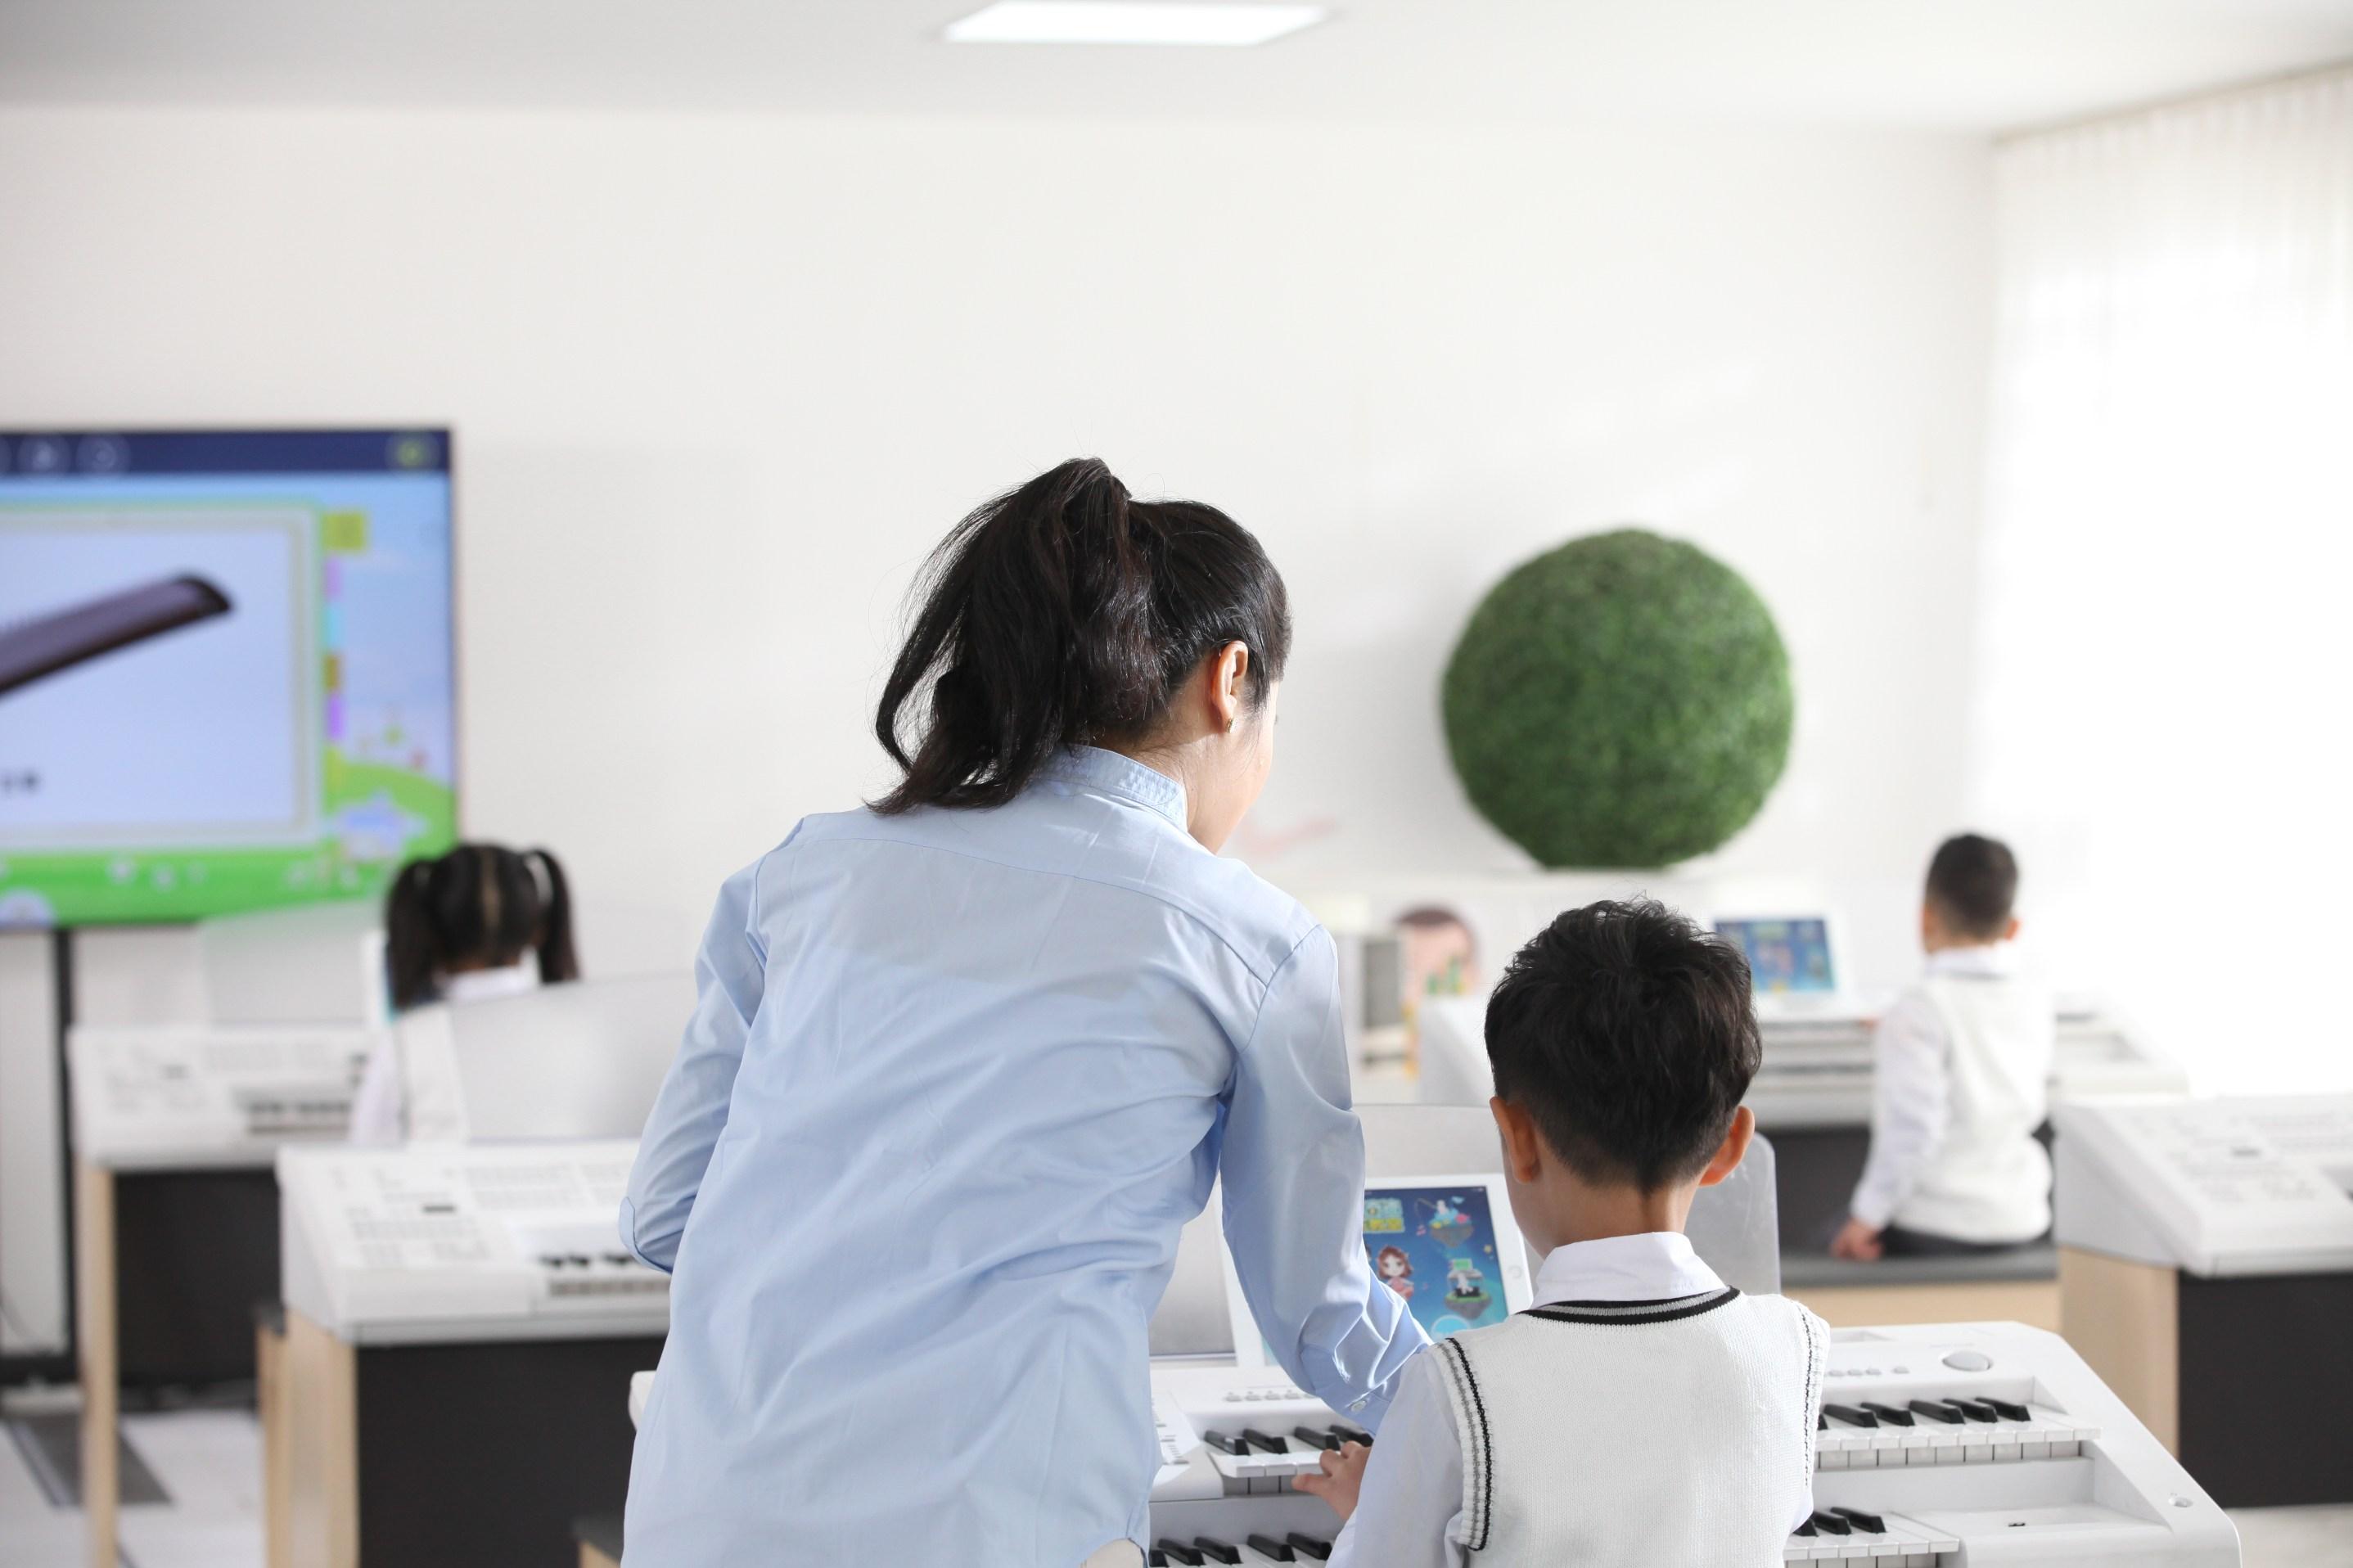 音乐教育,对孩子的成长影响到底有多大?